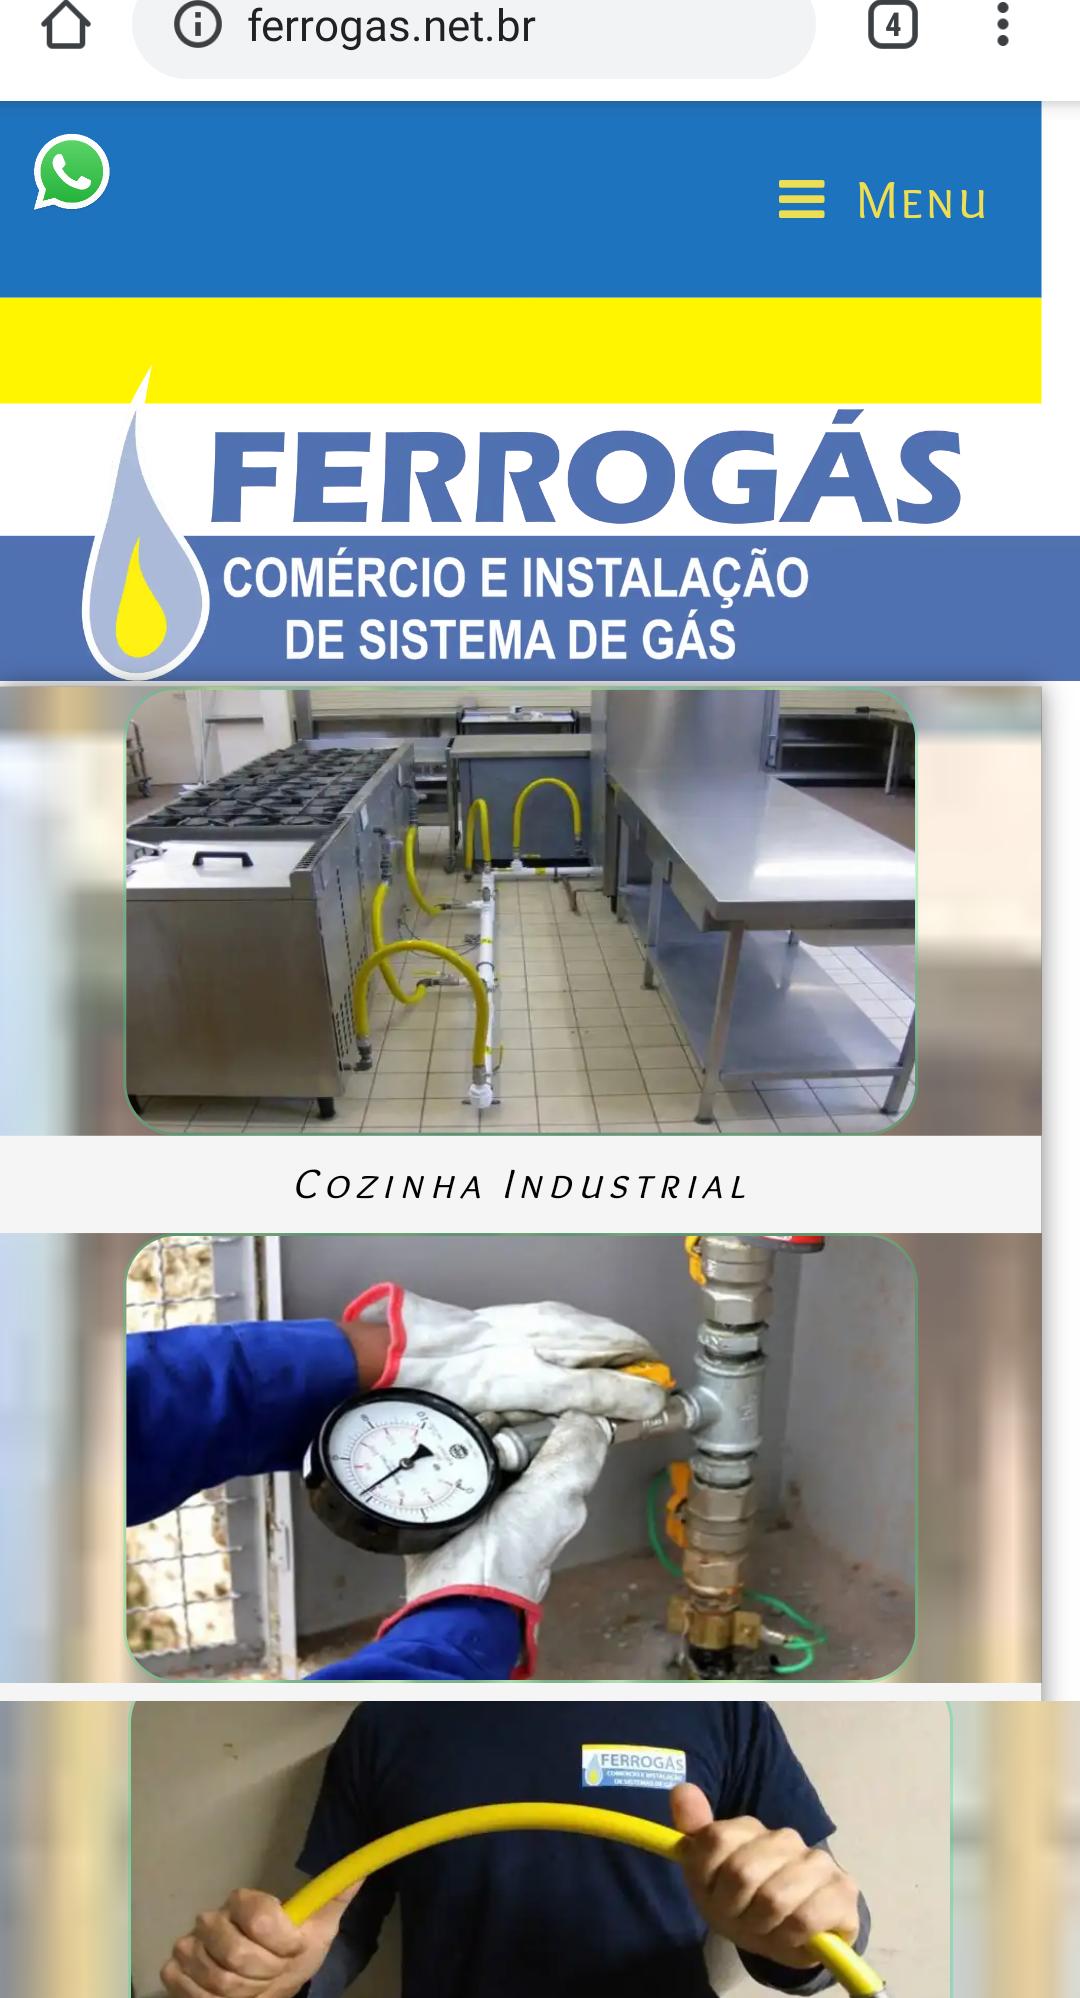 www.ferrogas.net.br